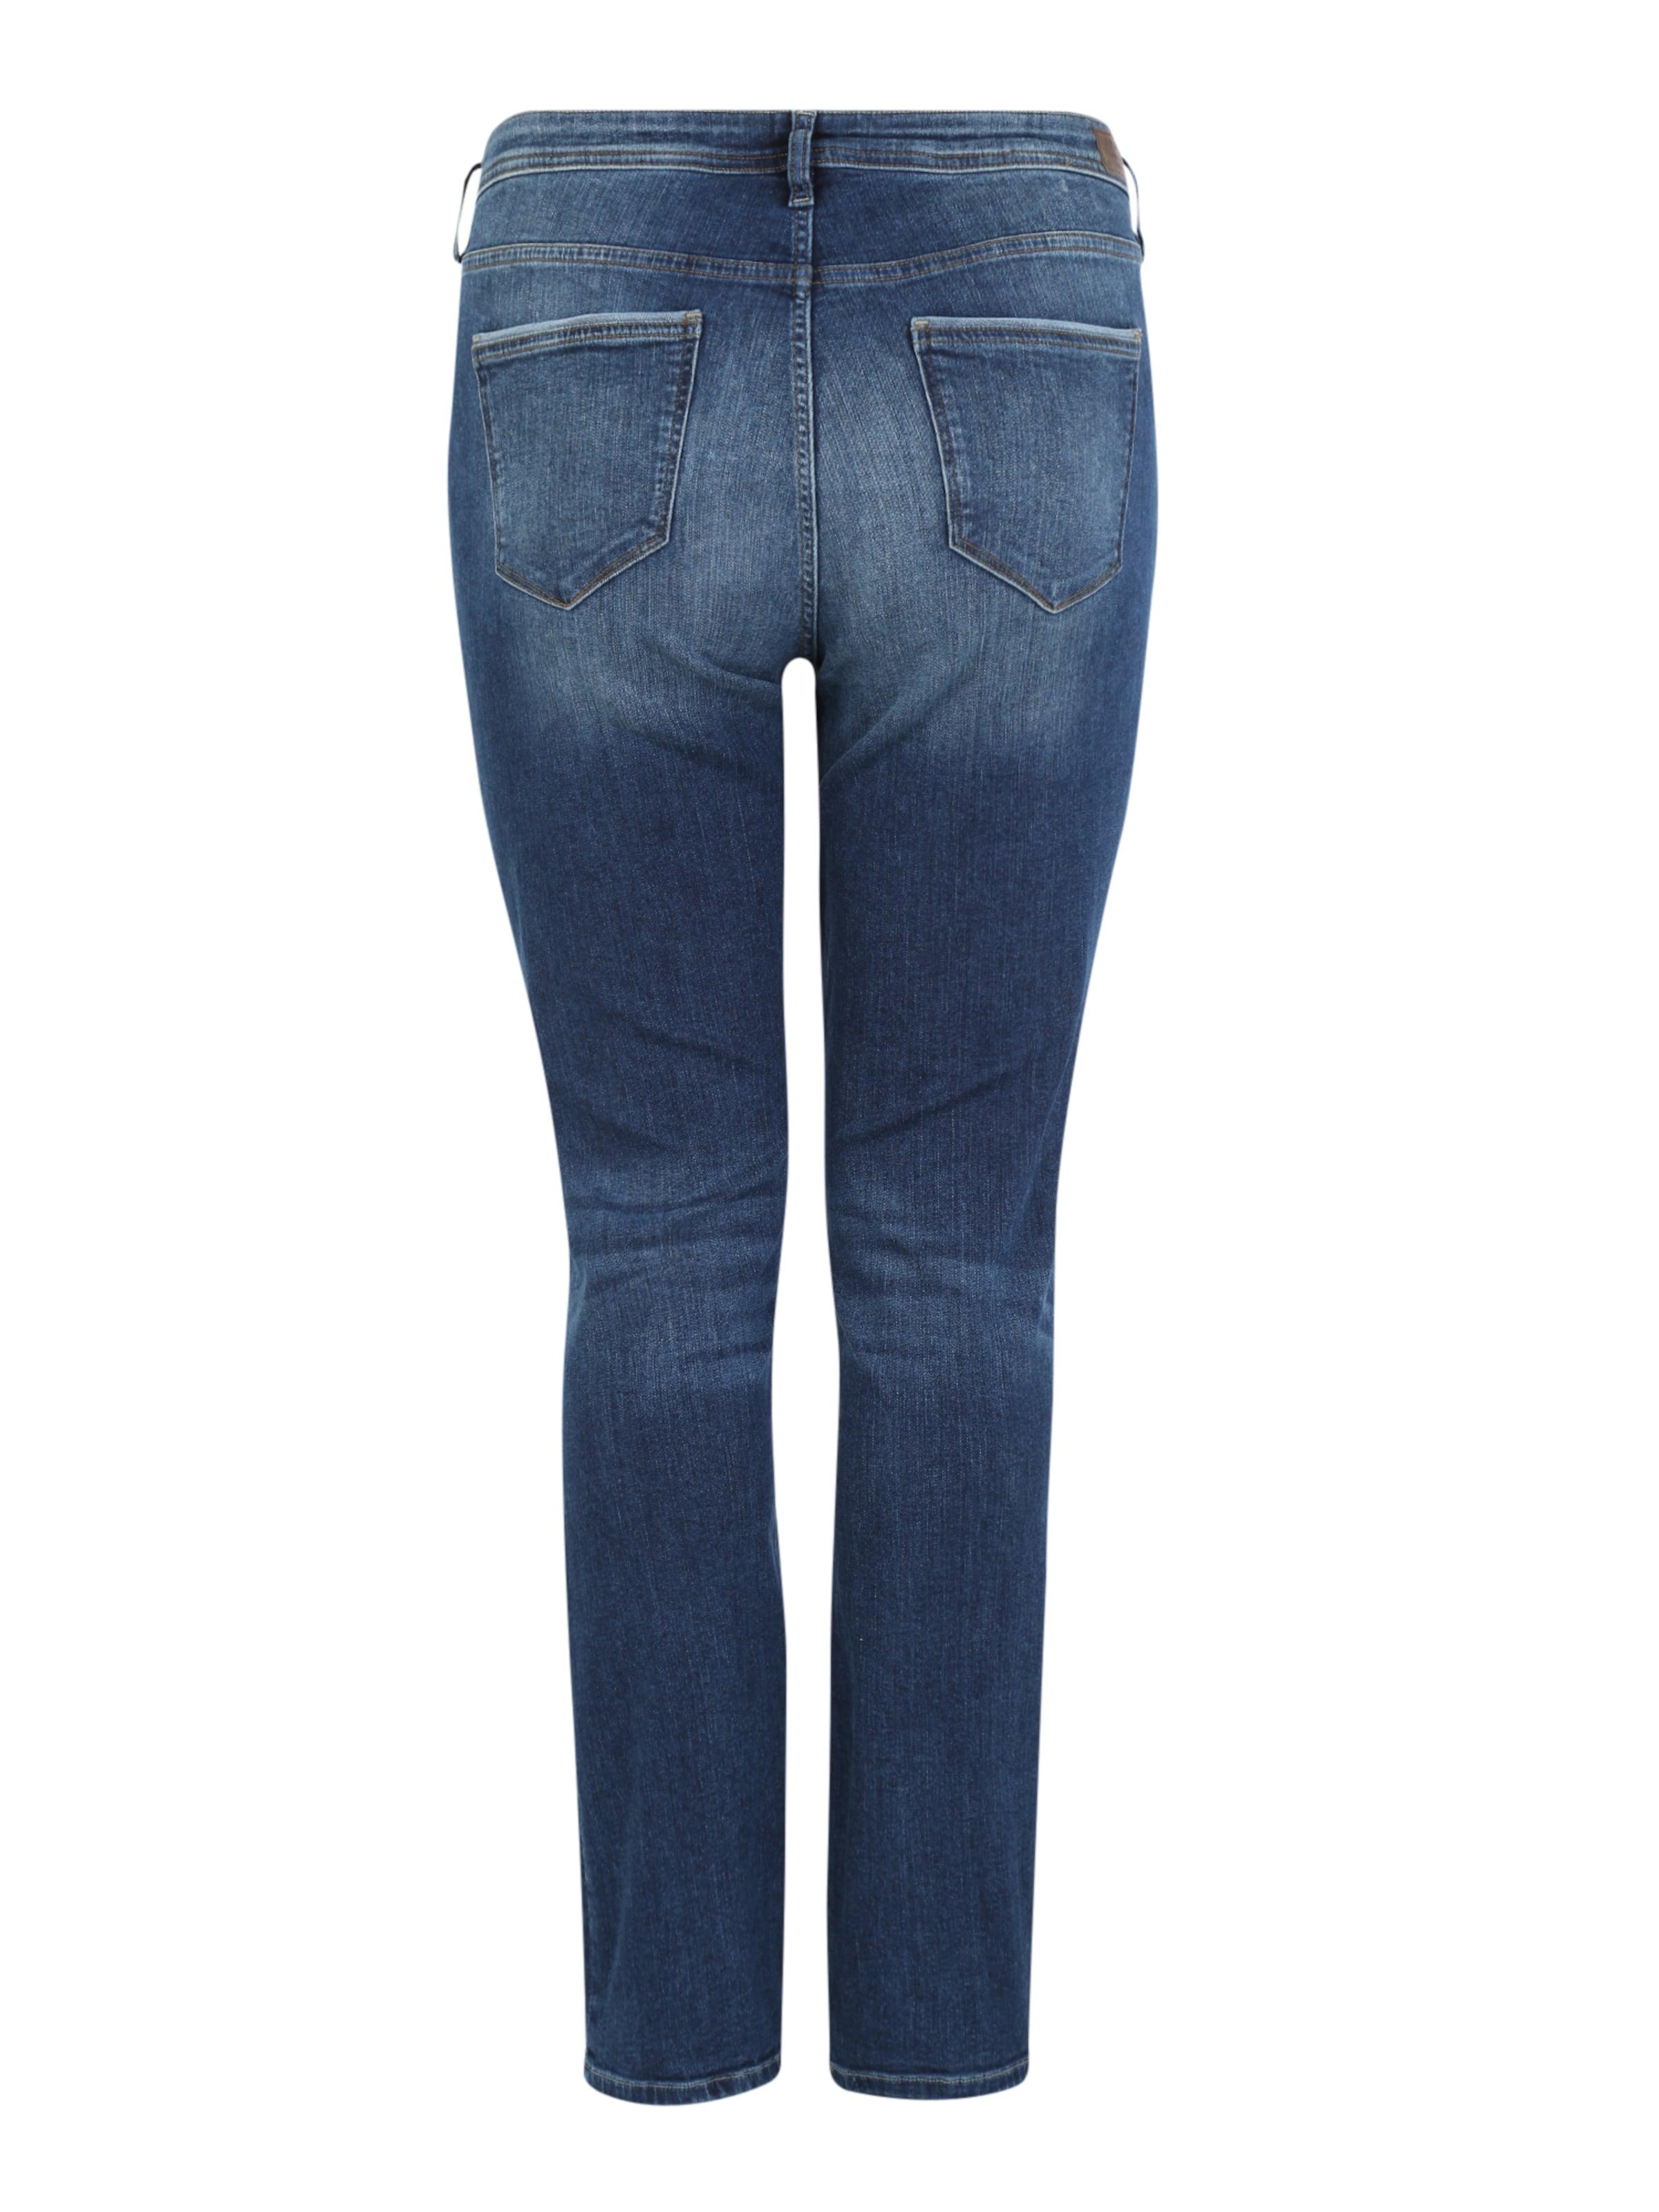 Denim Esprit Curves Jeans Blue In QdshrCBtx